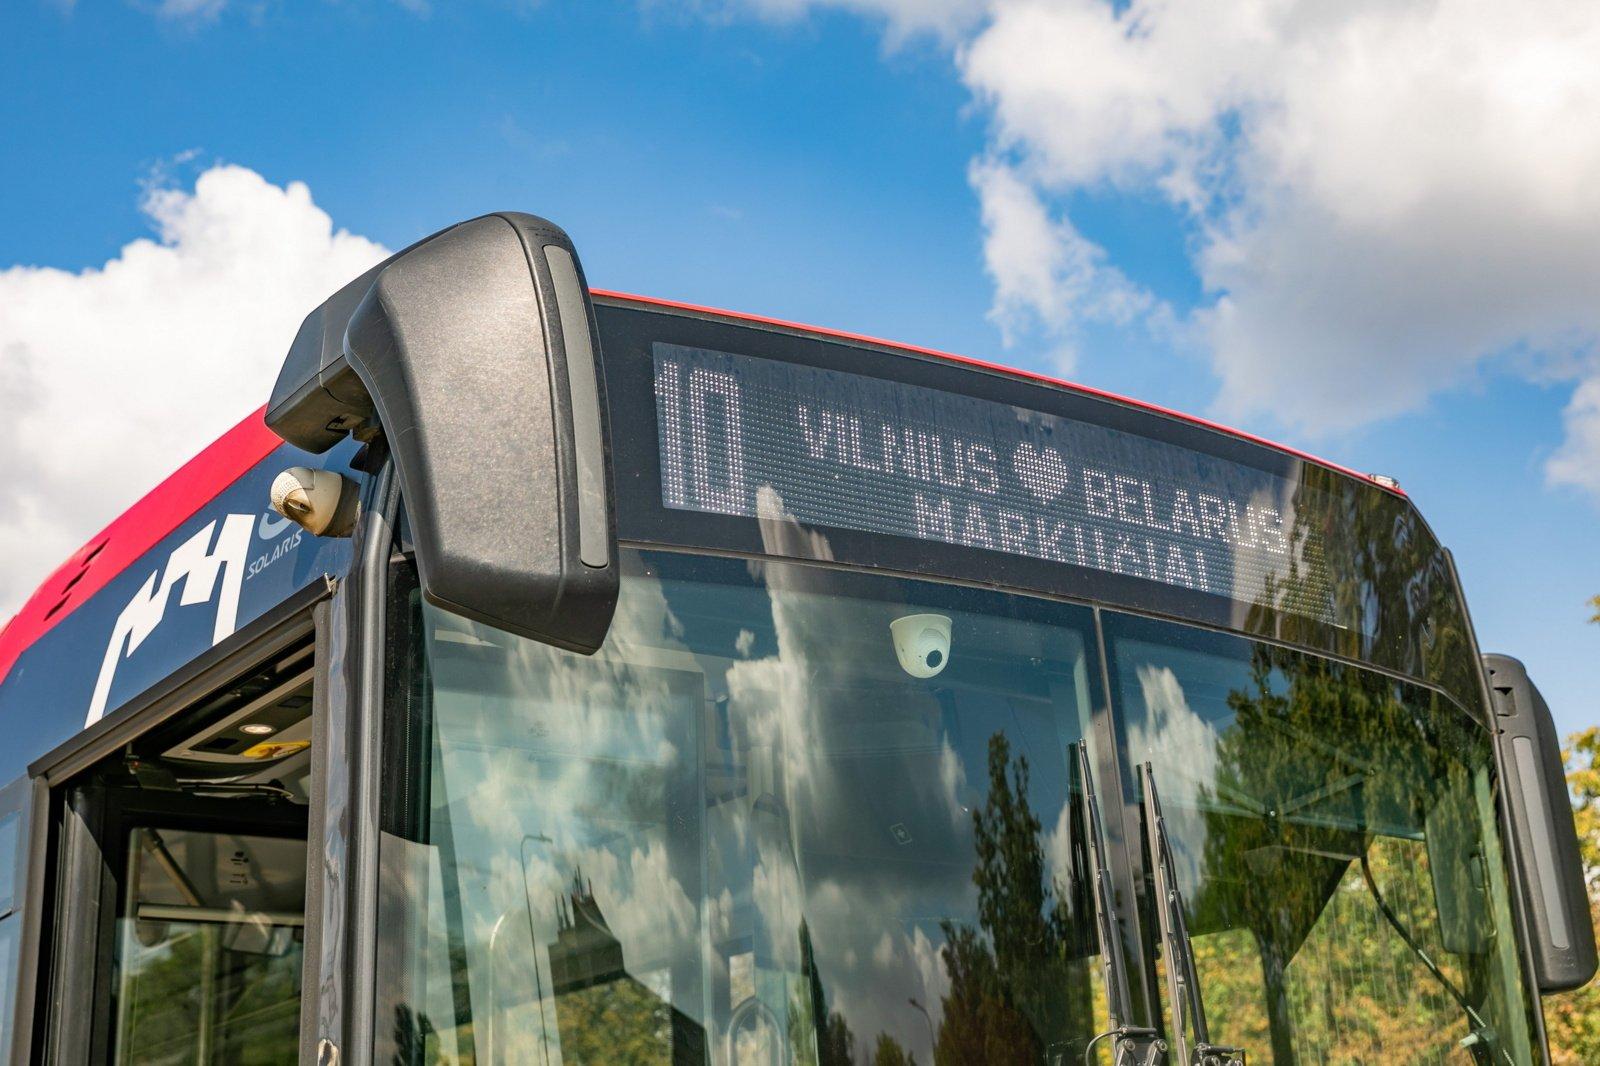 Solidarumo su baltarusiais dieną Vilnius siunčia palaikymo žinutę kaimynams